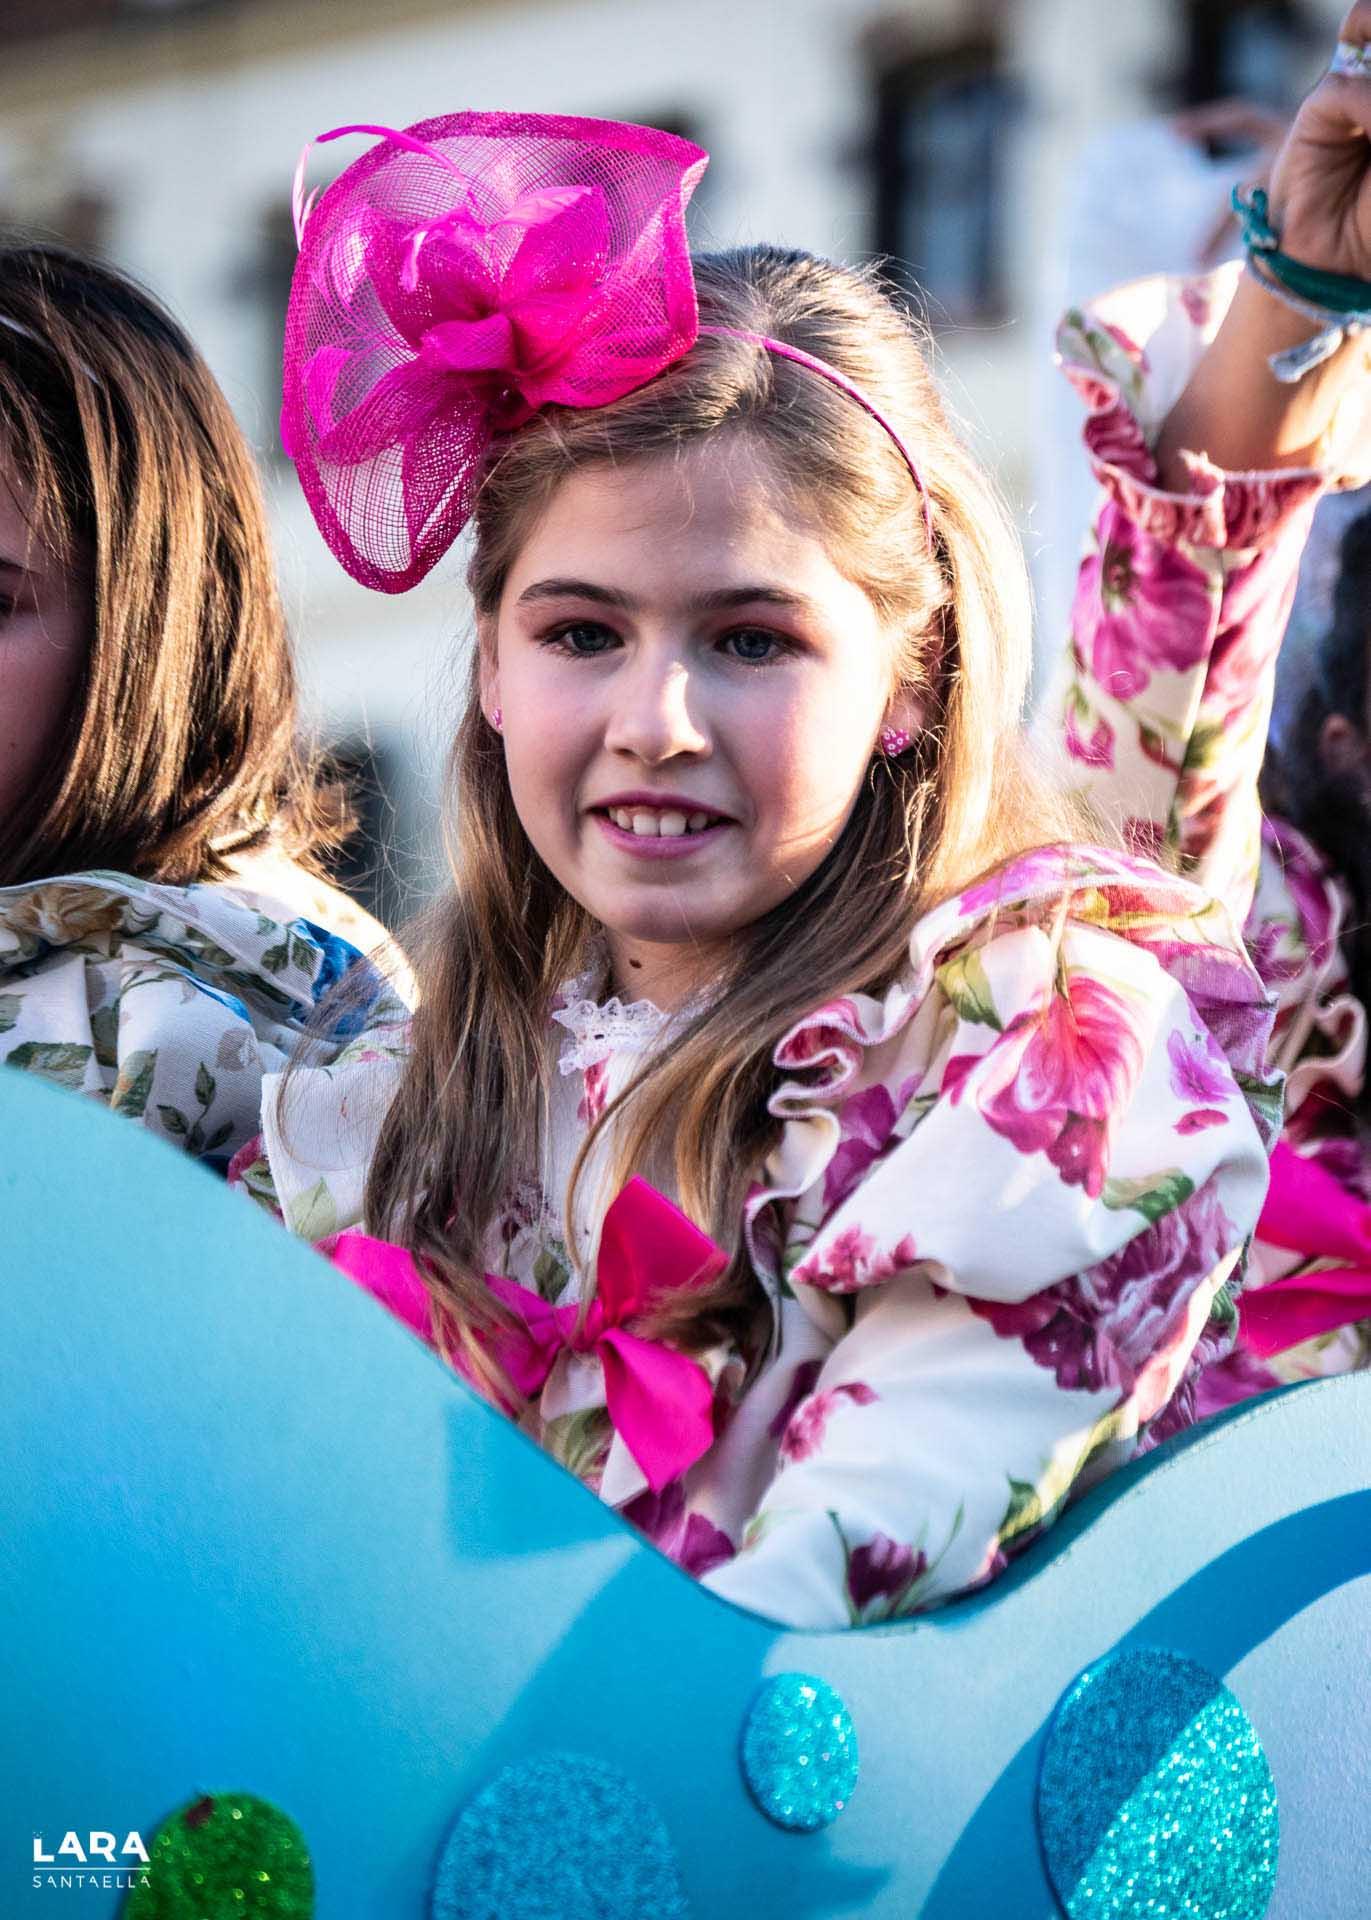 Los niños de azul, las niñas de rosa